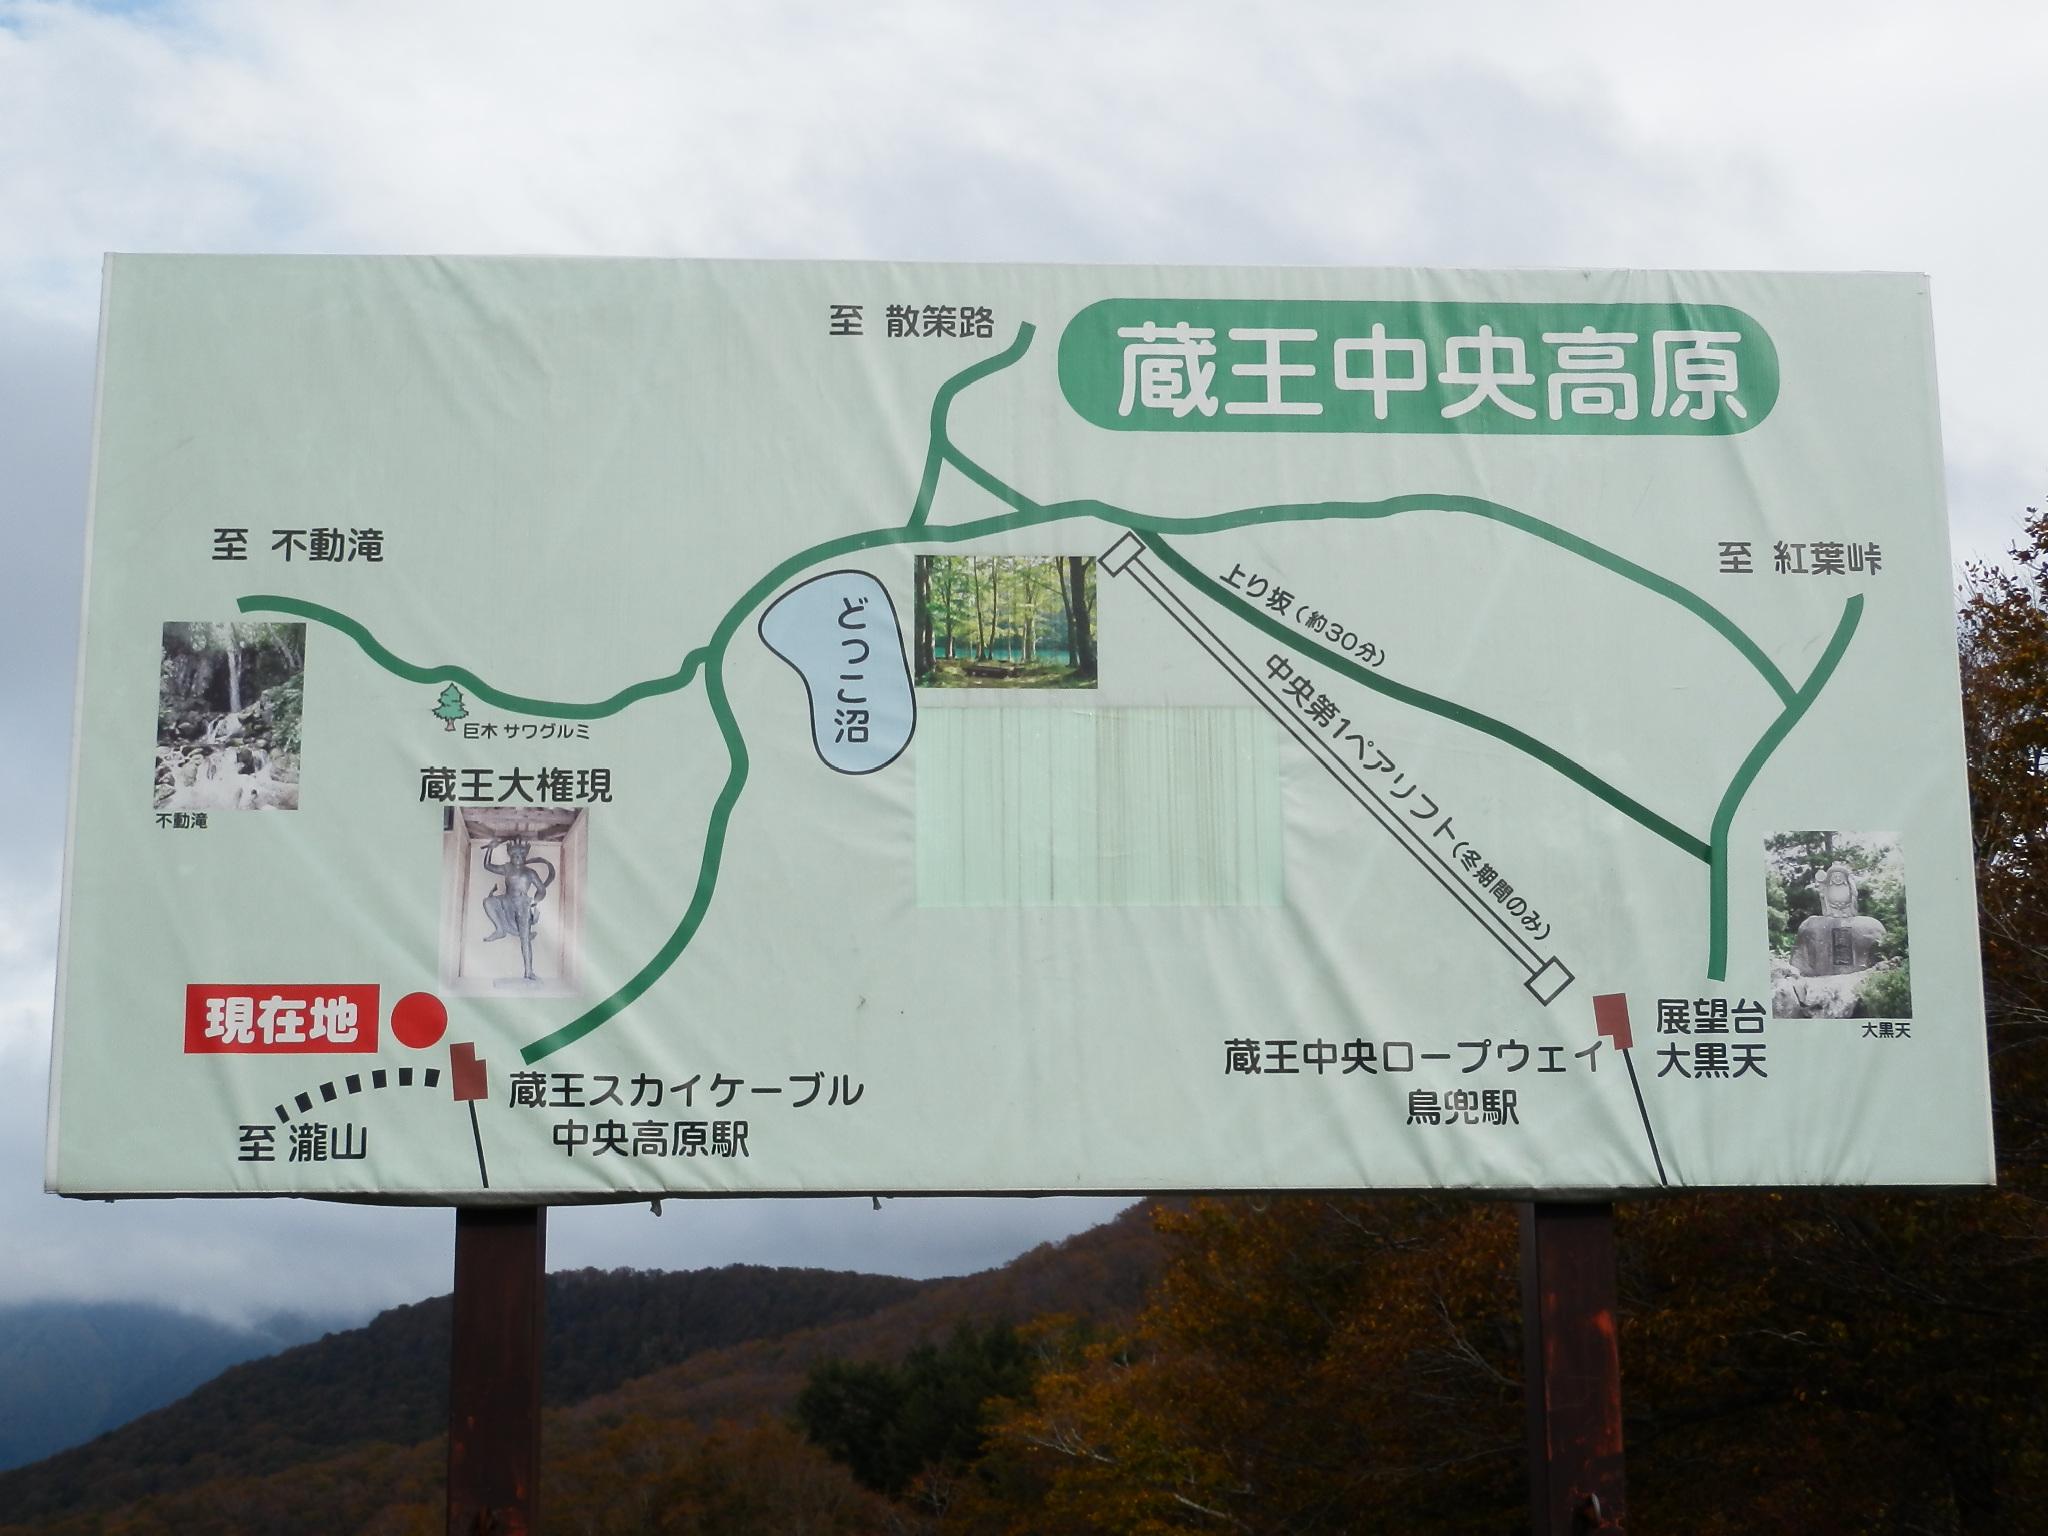 ドッコ沼・不動滝